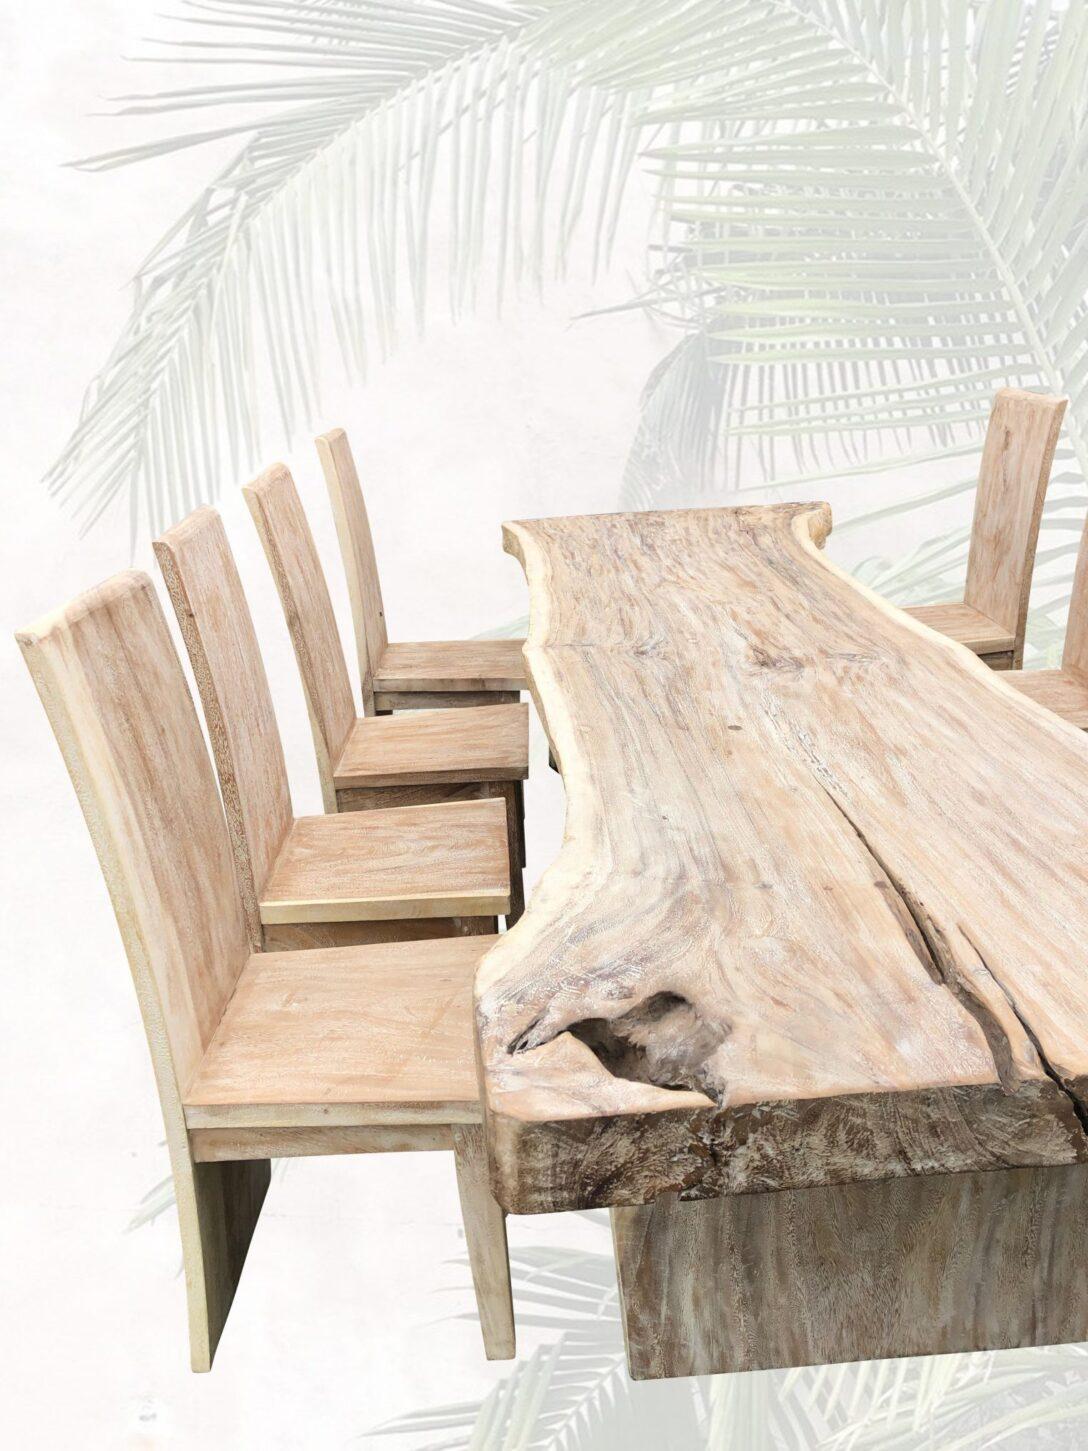 Large Size of Groer Esstisch Massivholz Mit 8 Sthlen Dari Asia Antike Stühle Kleine Esstische Oval Grau Betonplatte Eiche Rund Stühlen Designer Modern Weiß Ausziehbar Esstische Stühle Esstisch